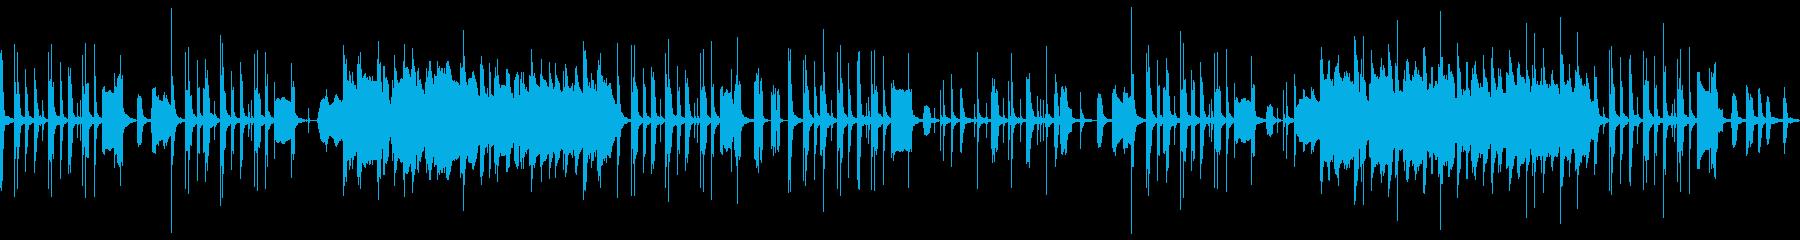 ほのぼのコミカルギャグな鍵盤ハーモニカの再生済みの波形